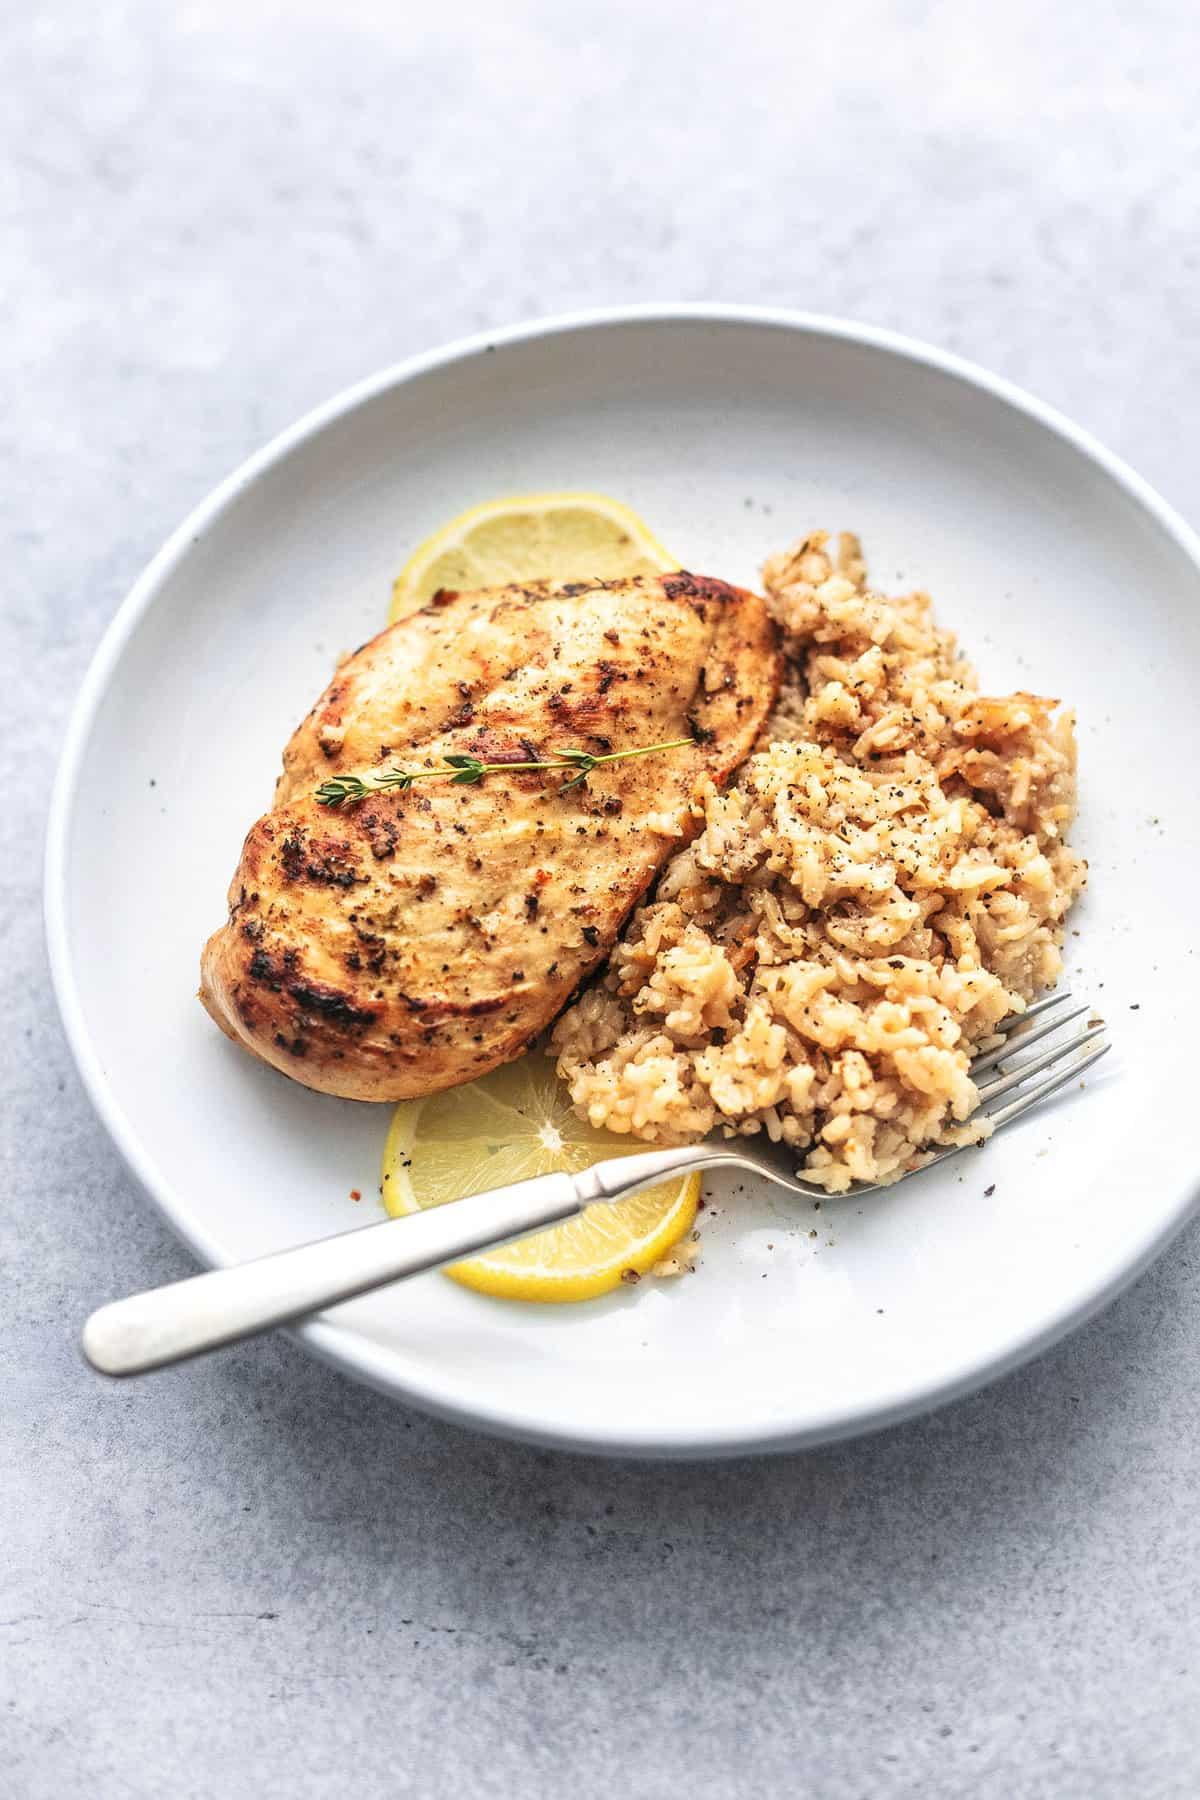 Einfaches und gesundes Instant Pot Hähnchenbrust- und Reisrezept | lecremedelacrumb.com